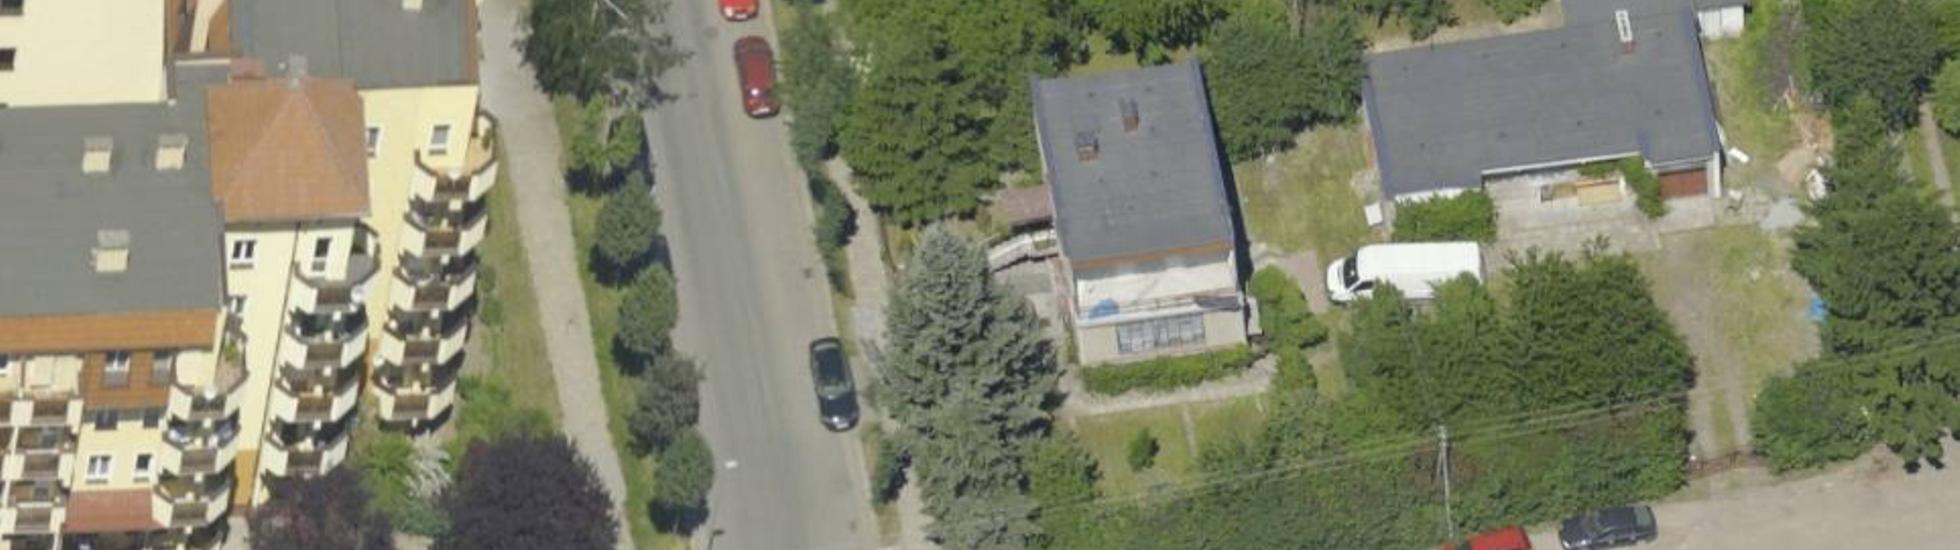 Wrocław: Hot Invest zburzy dom na Karłowicach i postawi blok